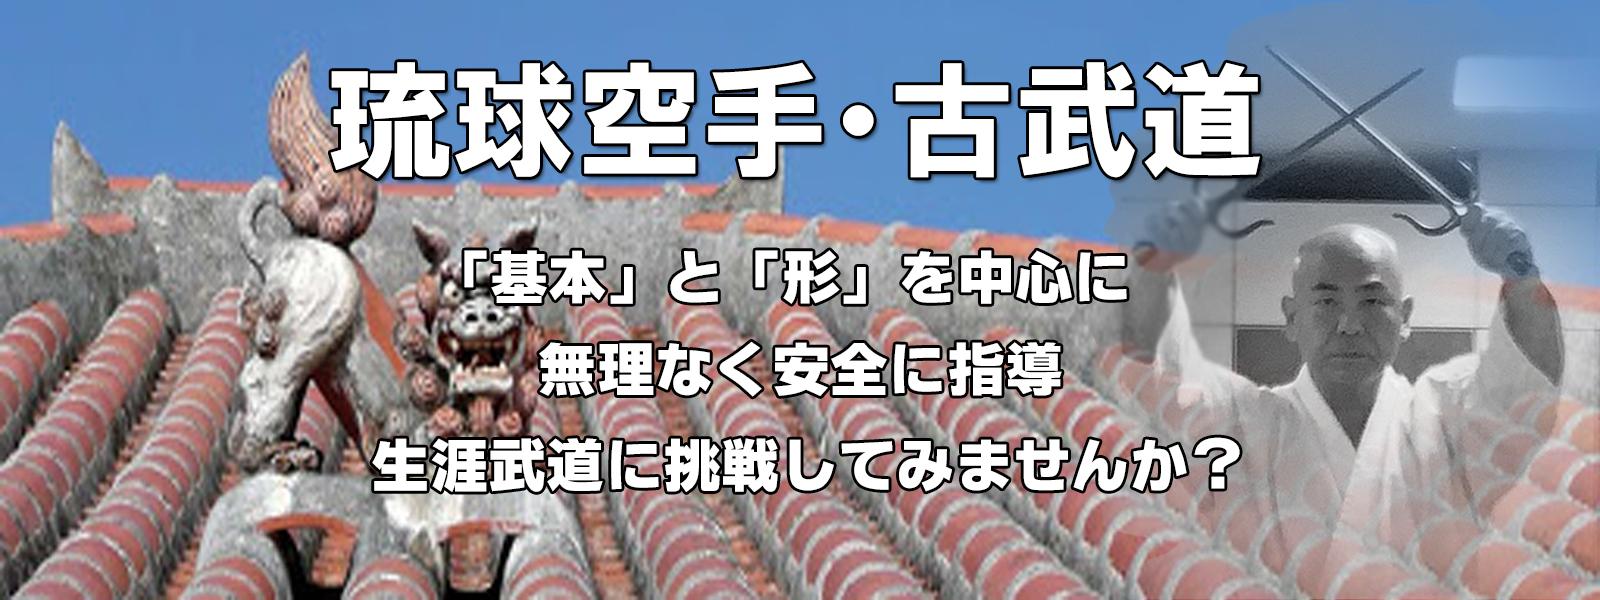 琉球古武道信武館大阪支部